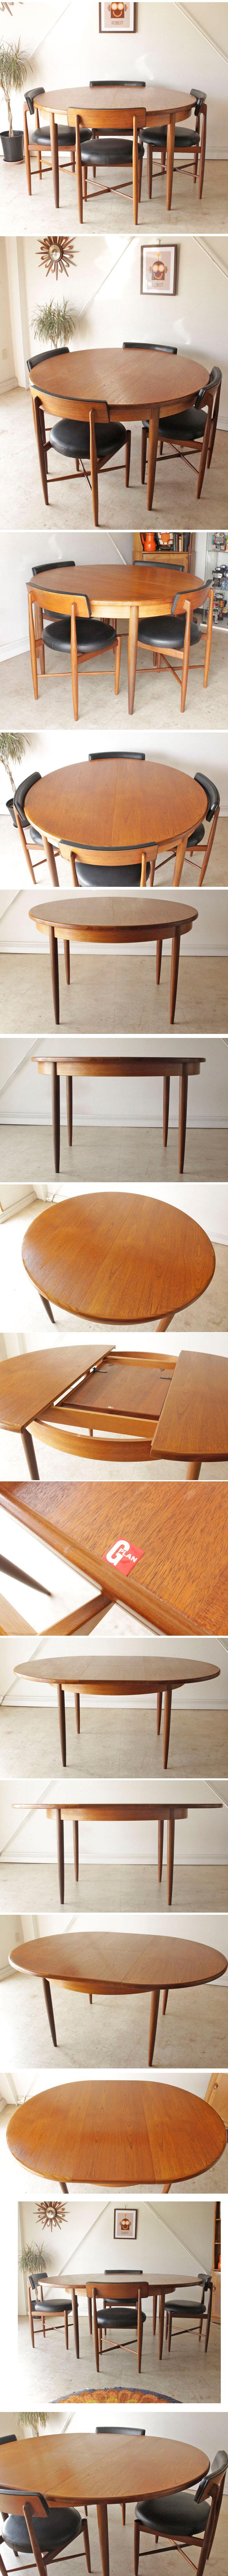 G-planジープラン・伸張式ダイニングテーブル/イギリス製ビンテージ家具/北欧アンティーク014046